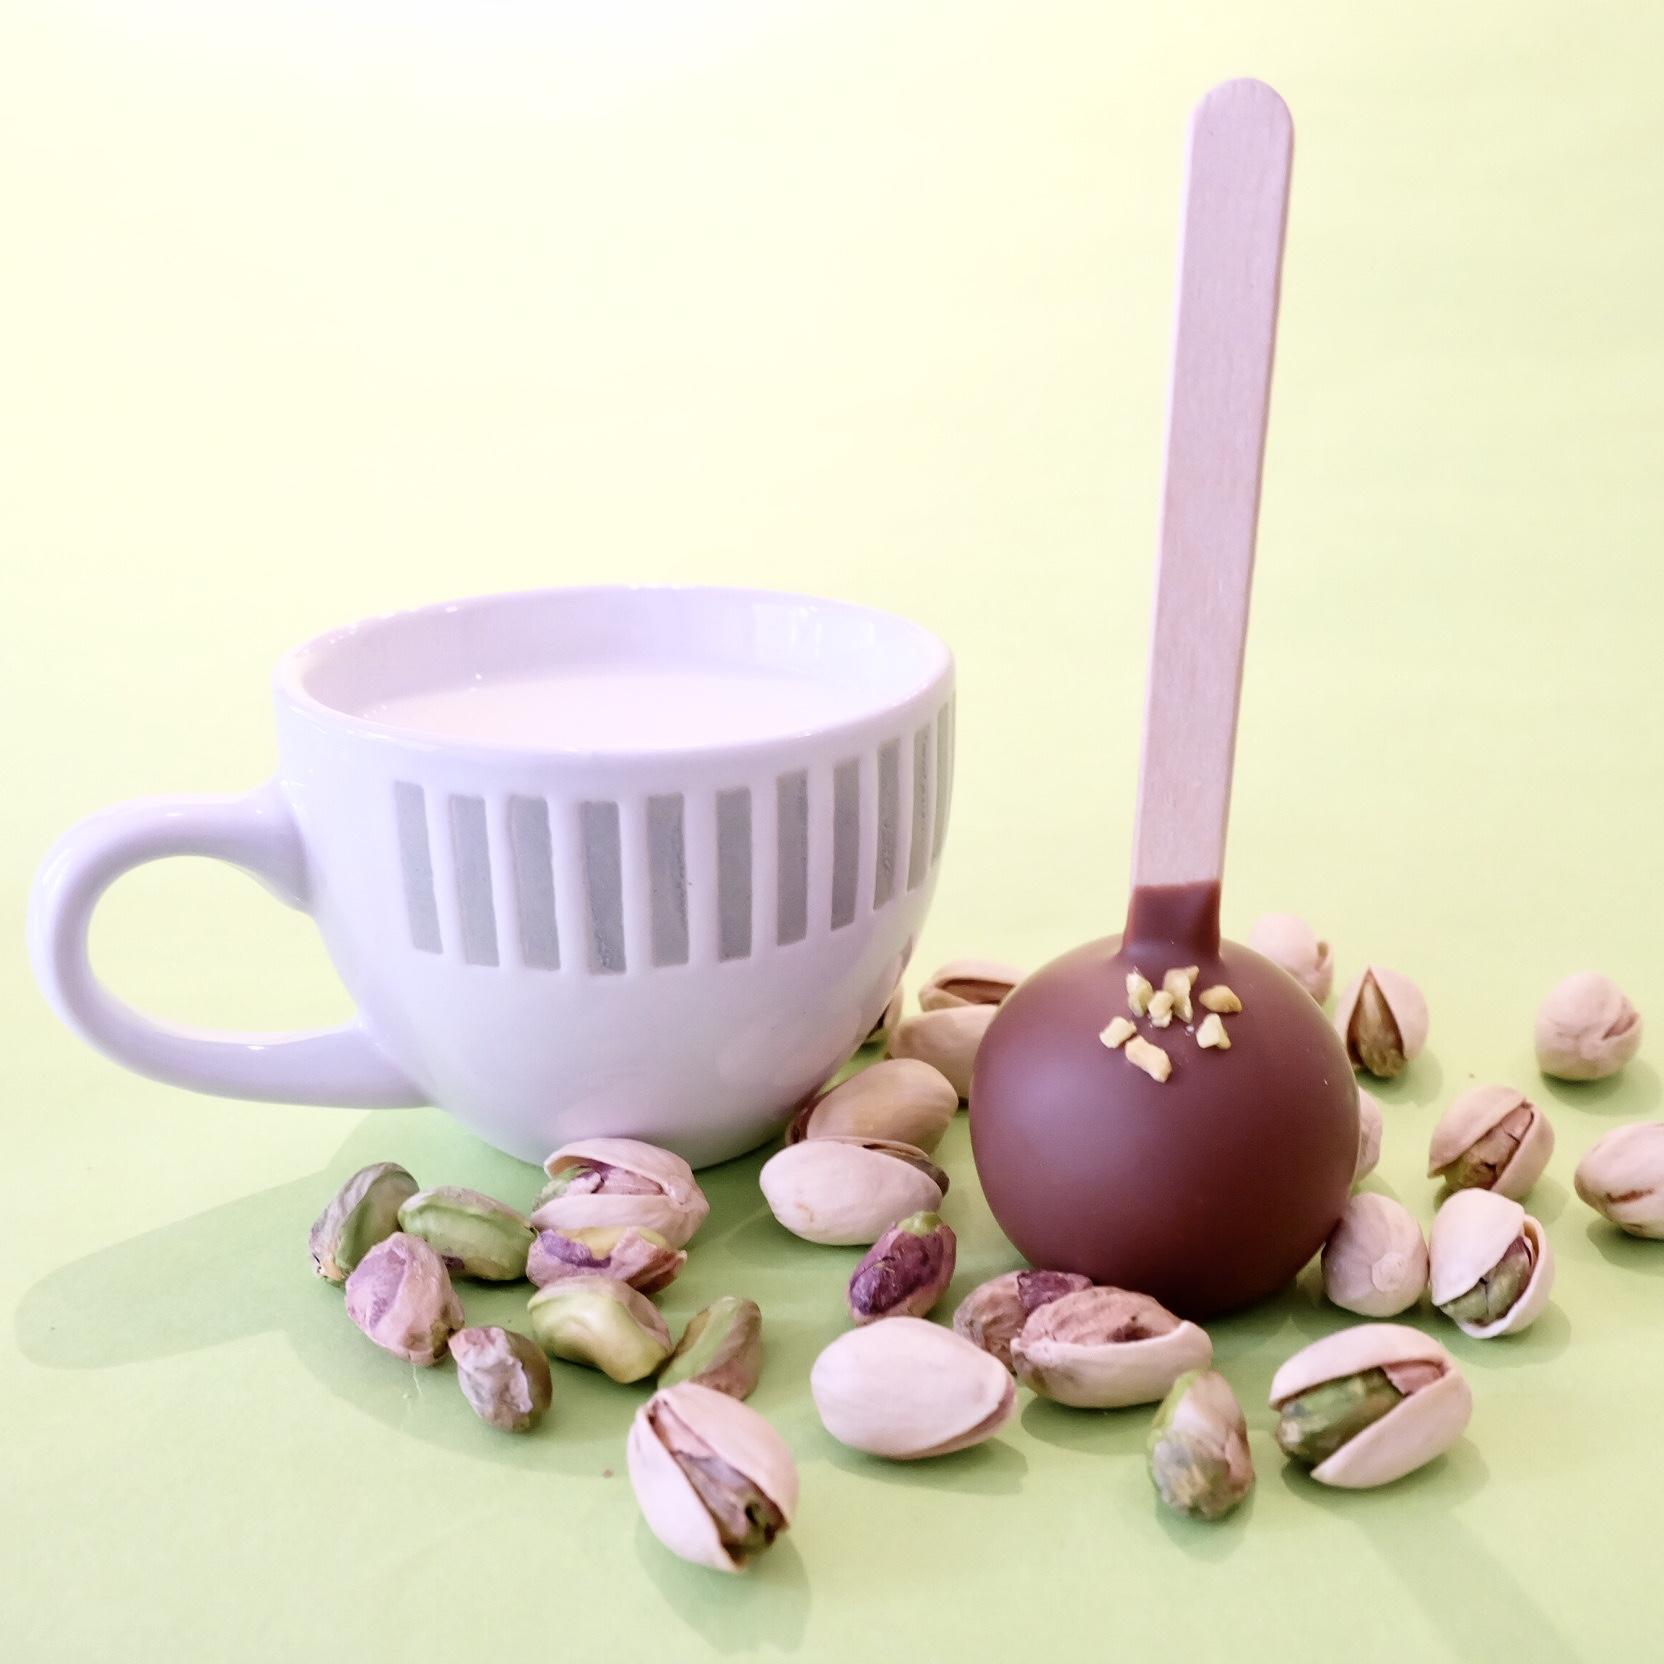 ホットミルクに溶かしながら食べるチョコレートに今大ブームのピスタチオフレーバーが新発売🍫🌟